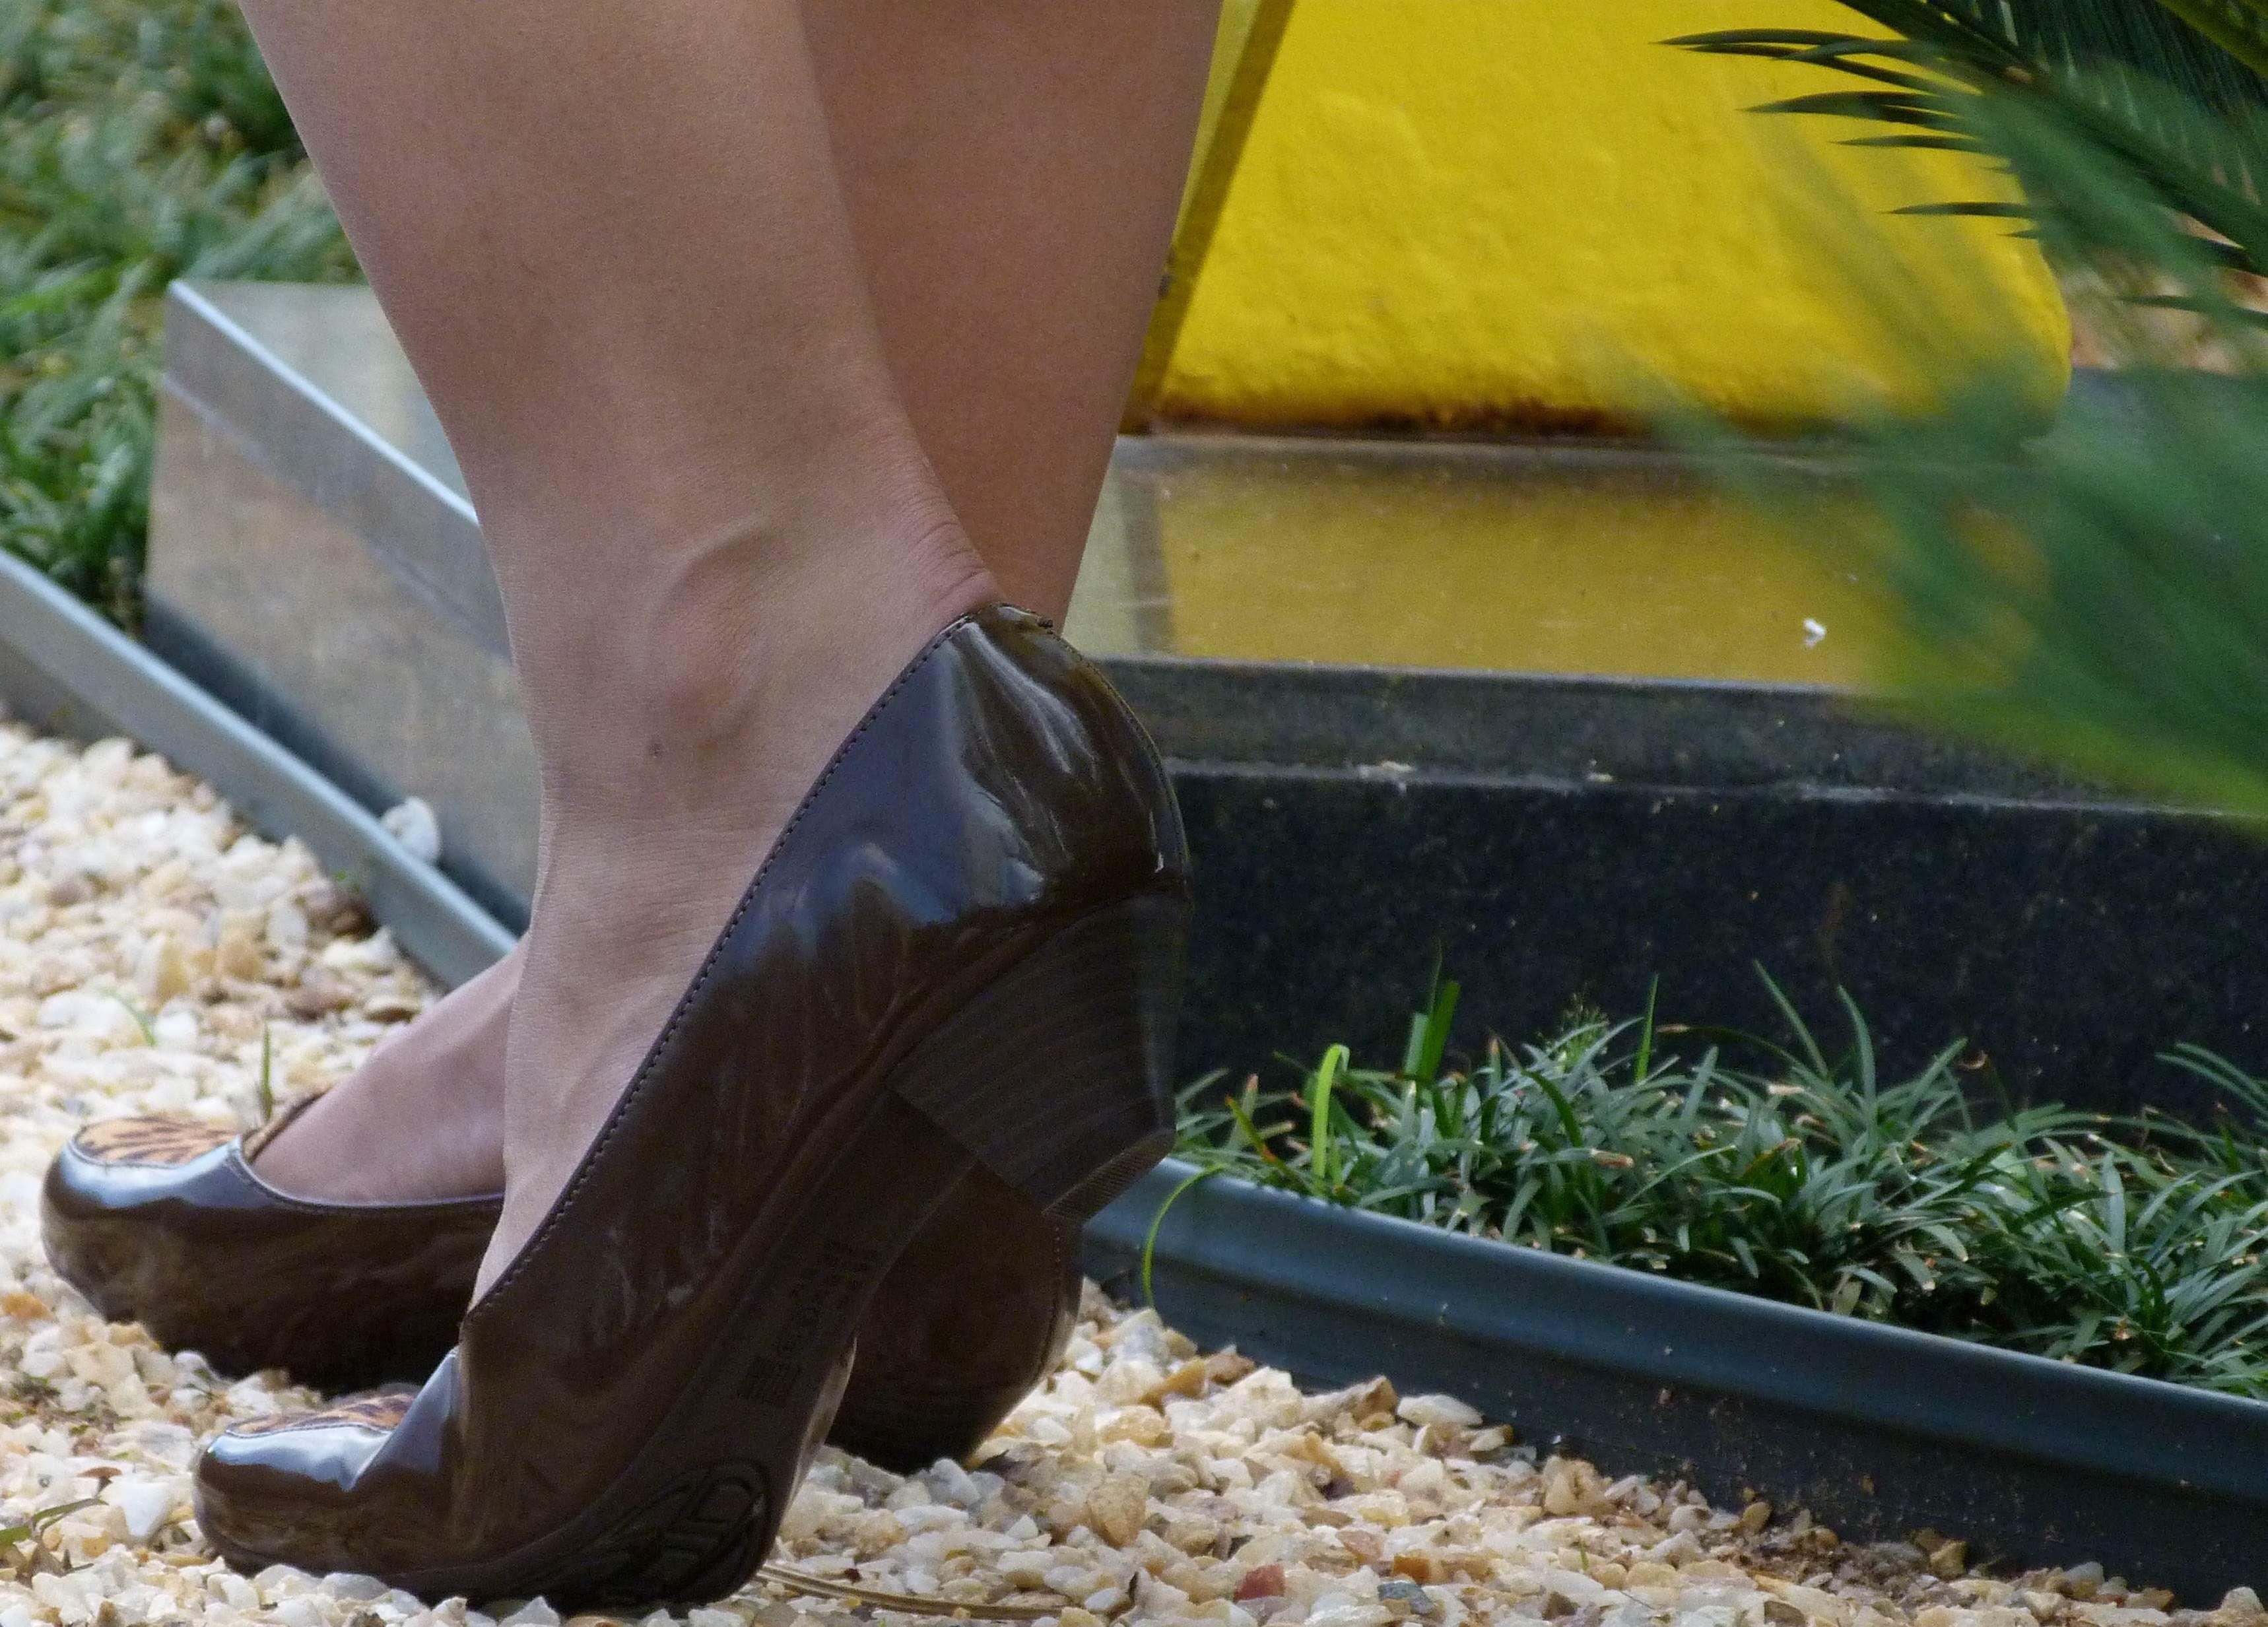 Confira a coleção Café menina: em uma das lojas Rival Calçados